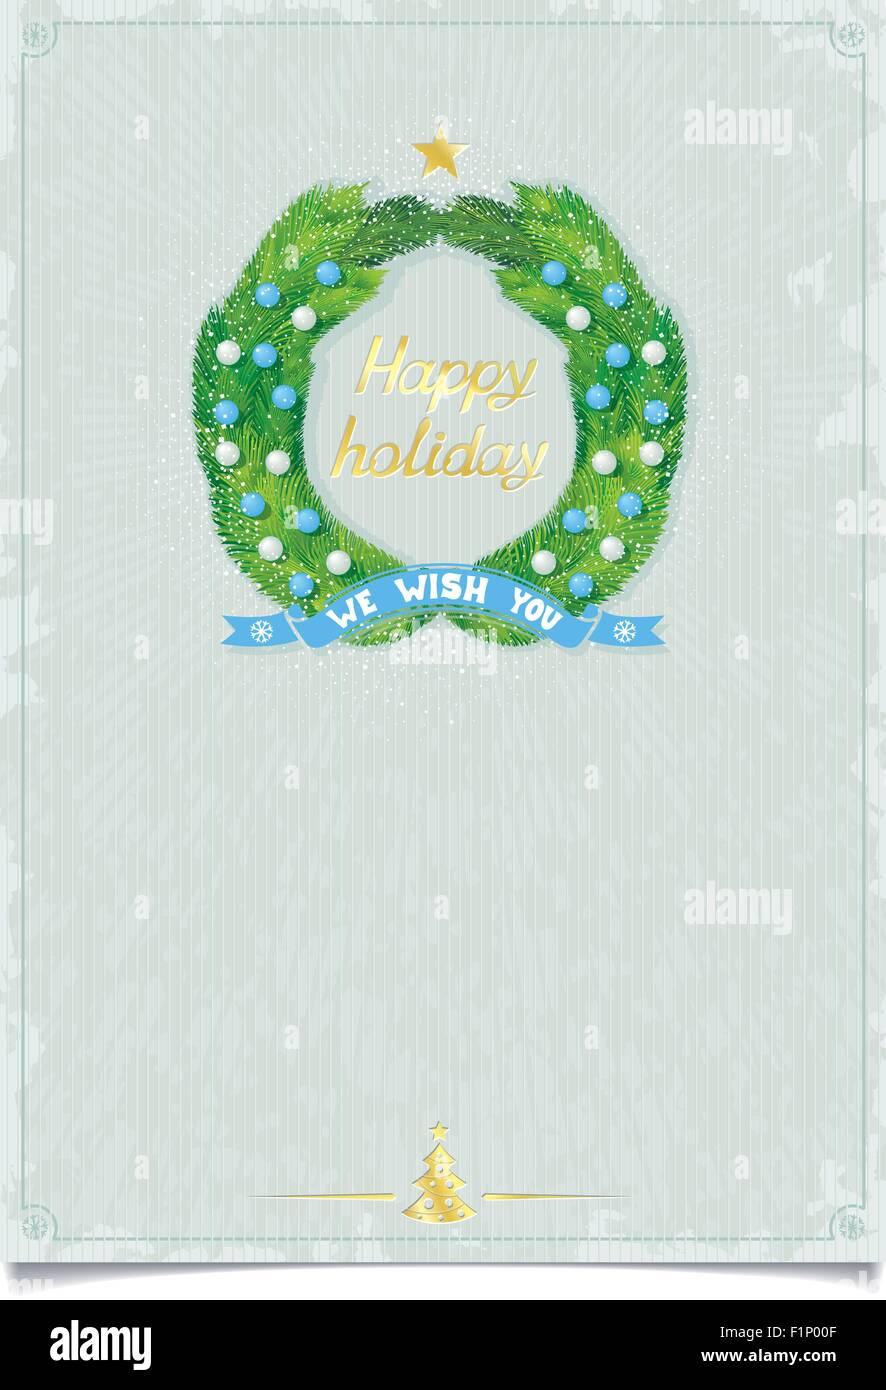 Weihnachtsgrüße Vorlage.Vorlage Für Frohe Weihnachtsgrüße Mit Adventskranz Und Dekorationen